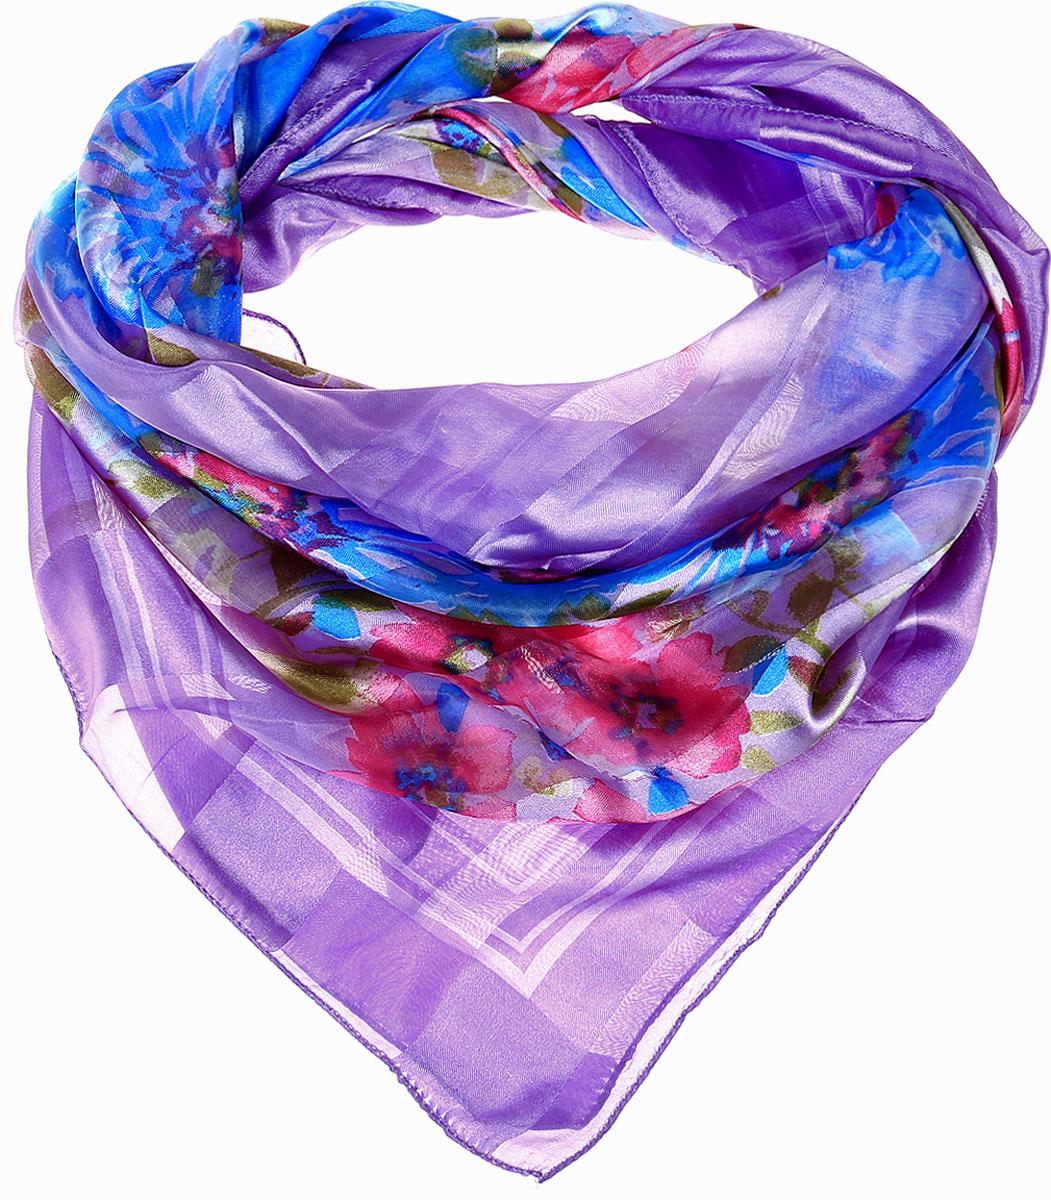 ПлатокRo0118-12-1Стильный женский платок Vittorio Richi изготовлен из высококачественного полиэстера с добавлением шелка. Платок оформлен эффектом деворе полоса и оригинальным цветочным принтом. Отделка краев - оверлок.